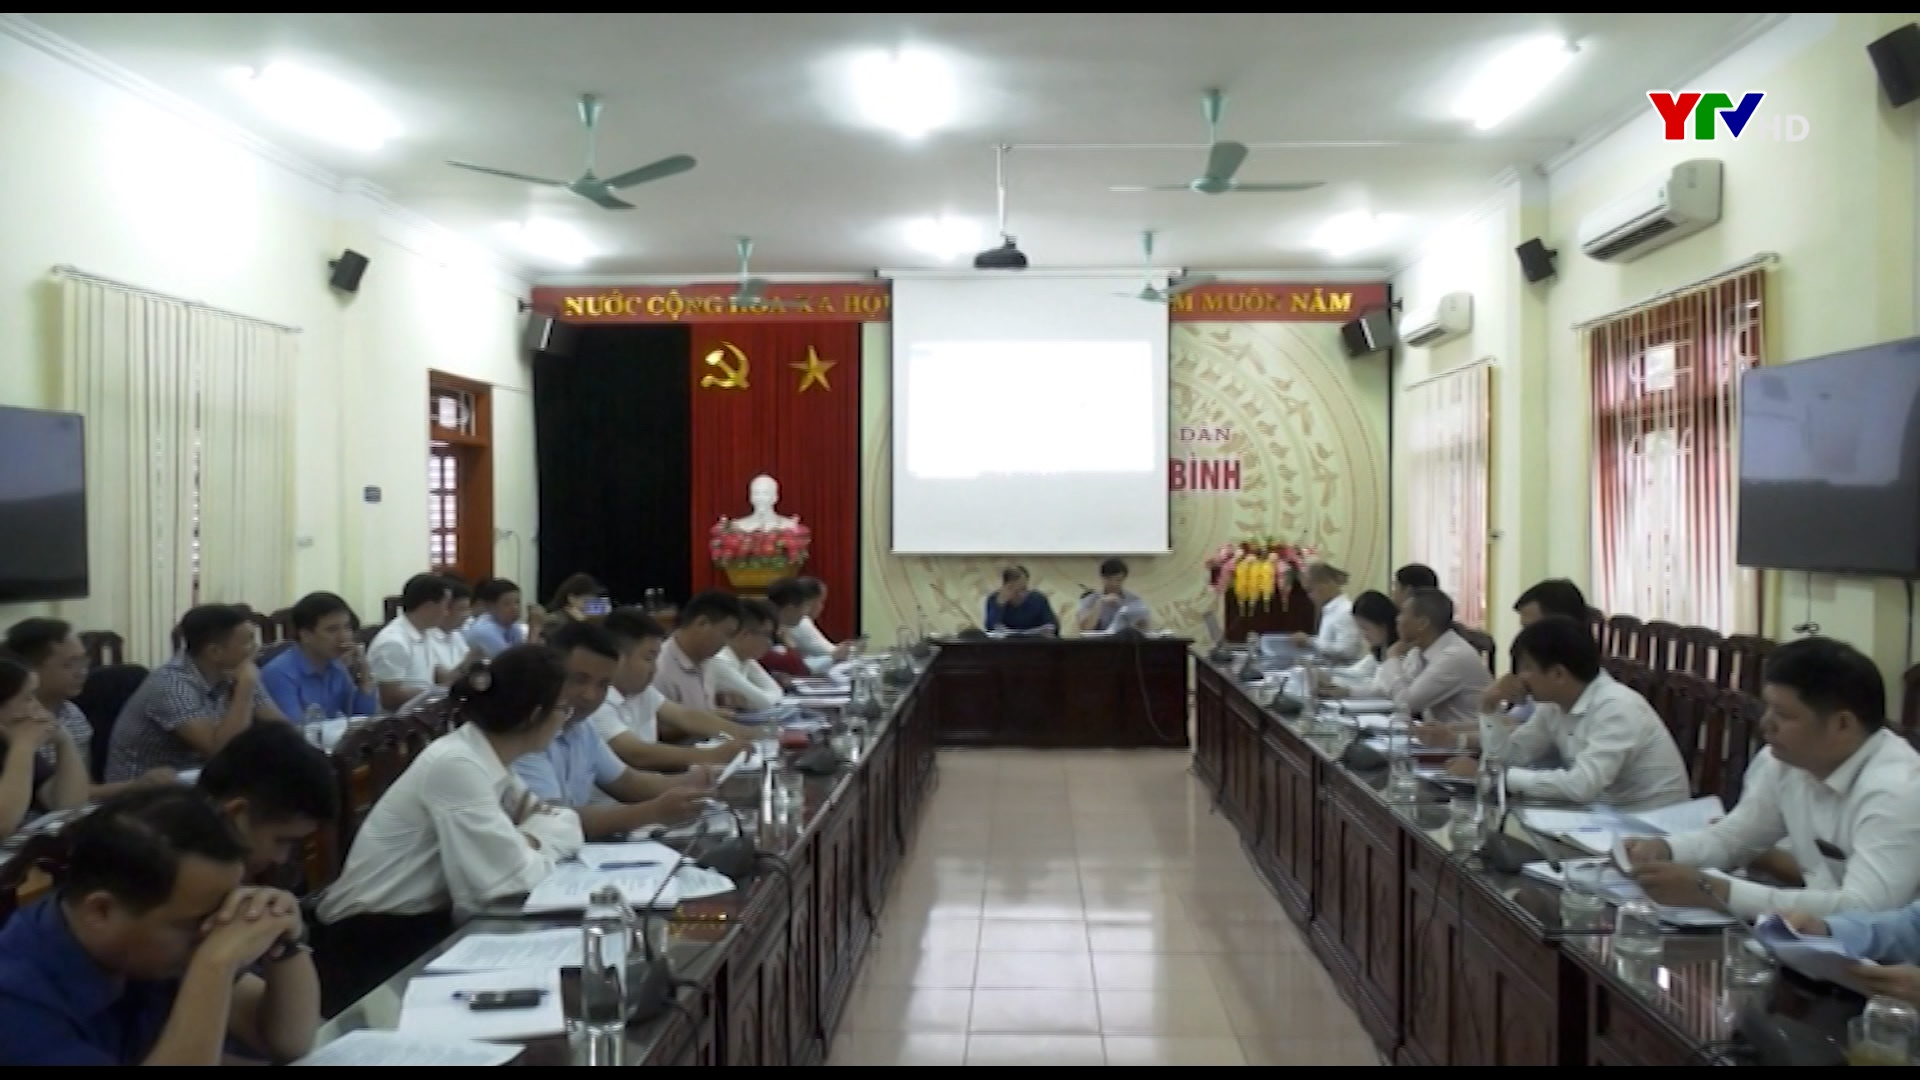 Hội chợ Thương mại và Du lịch huyện Yên Bình dự kiến diễn ra vào ngày 6 /11/2020